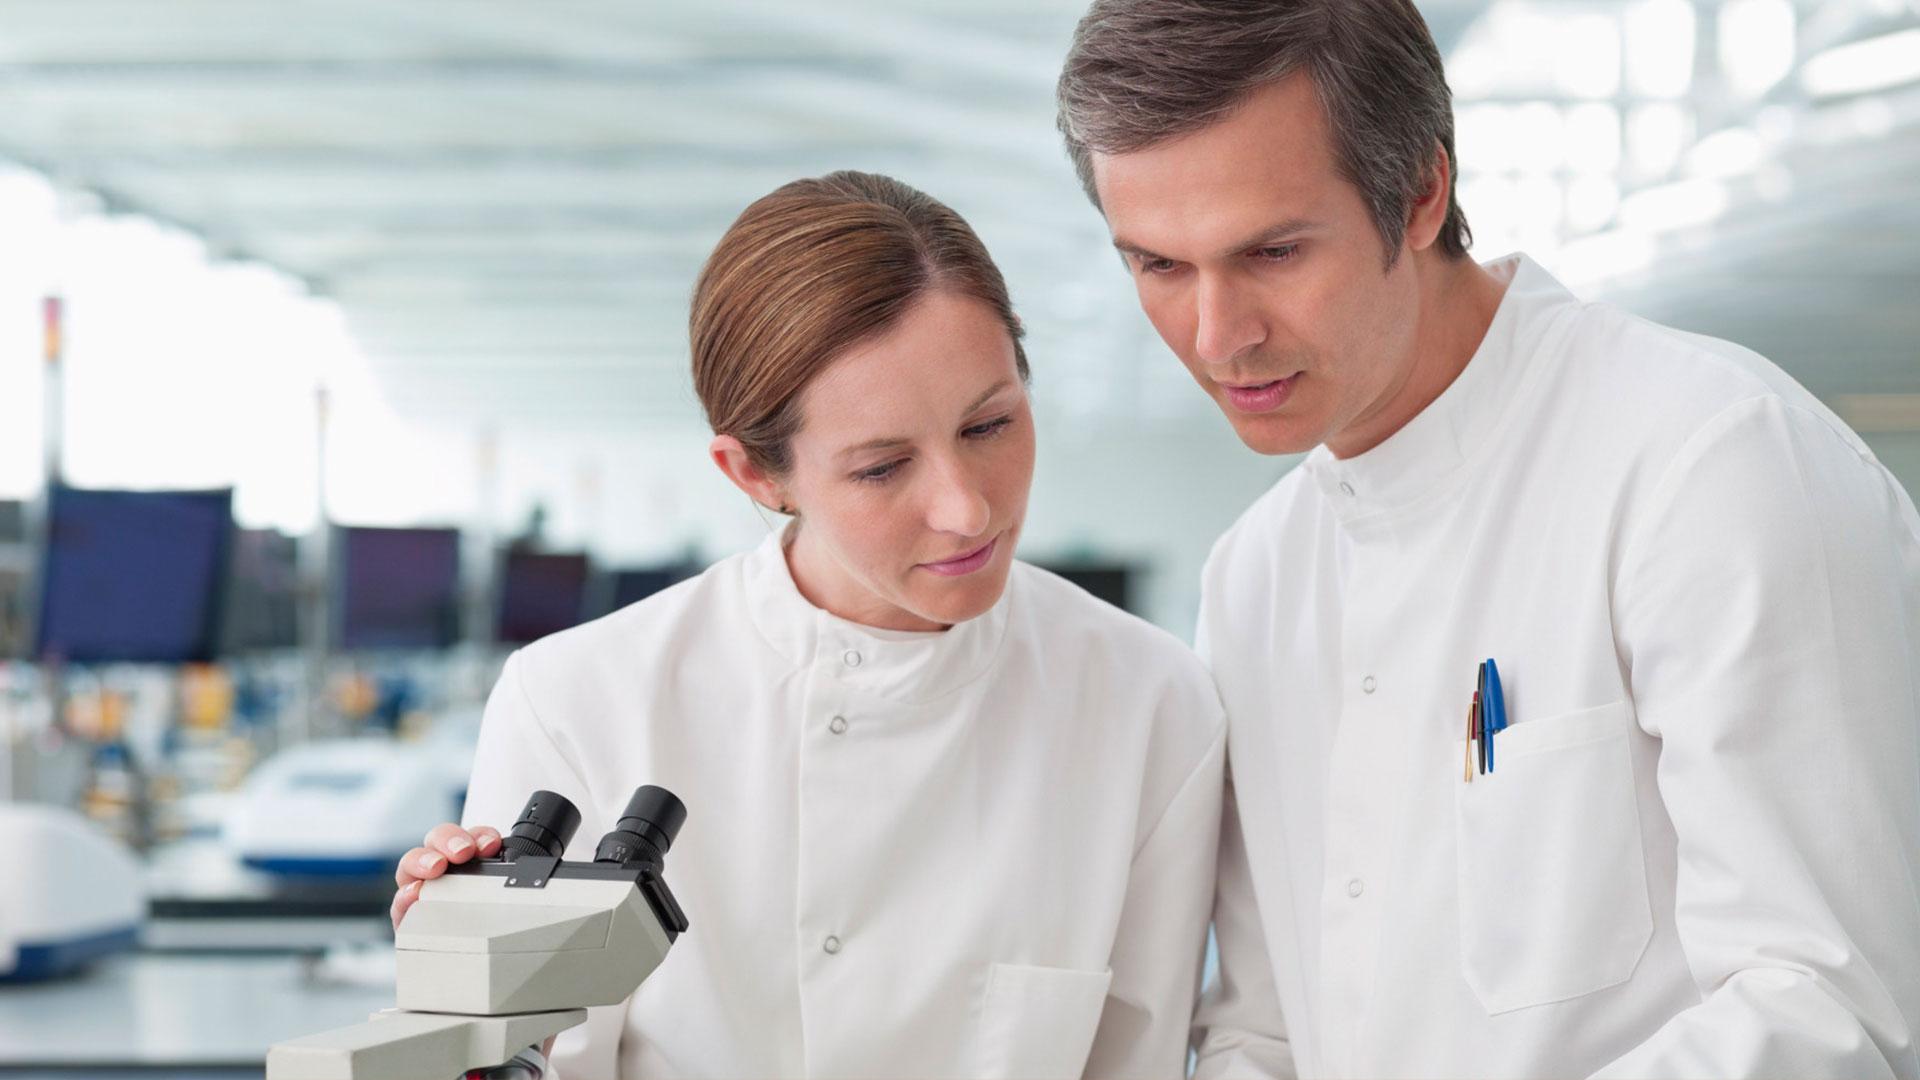 Анализы ДНК в современной лаборатории